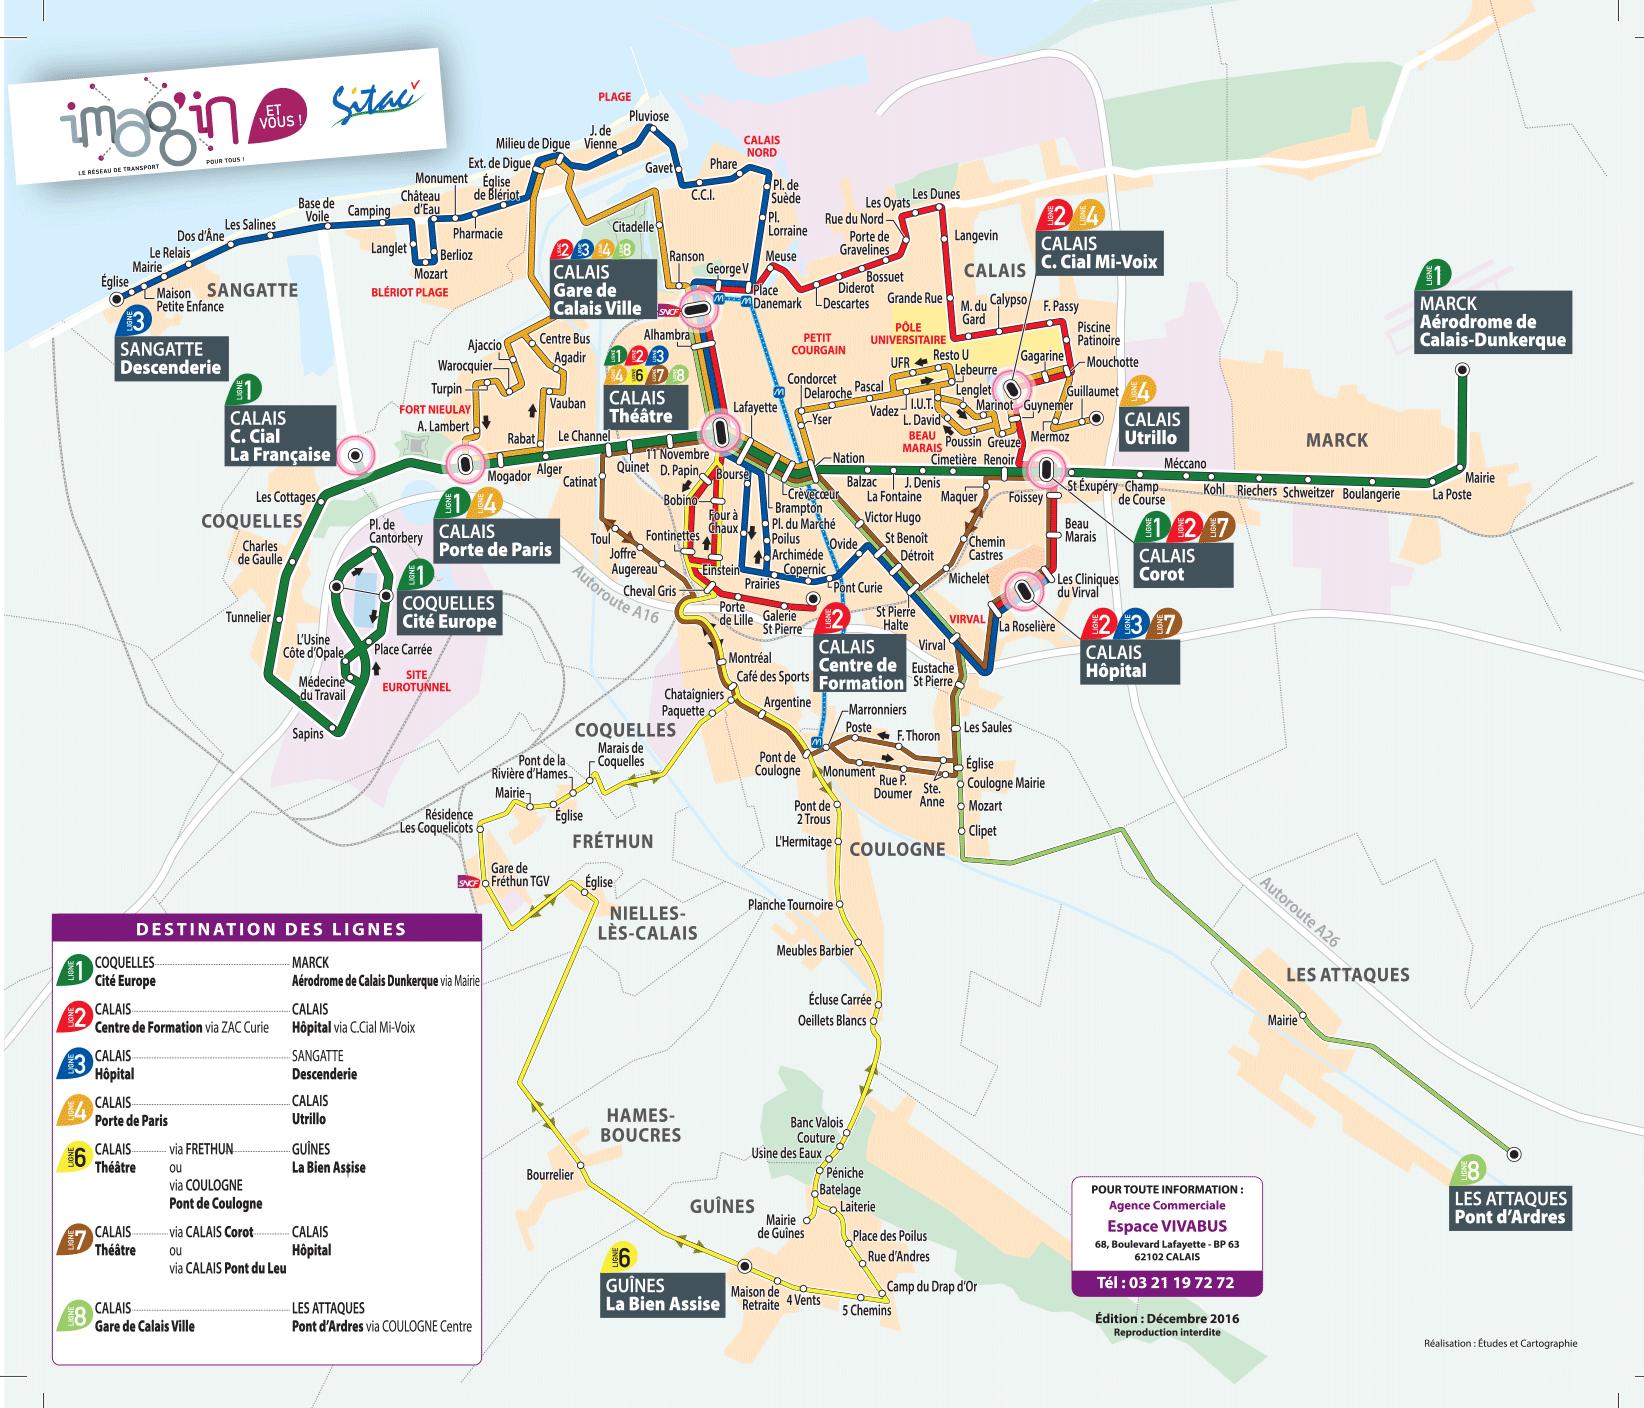 Célèbre Public Transport Networks | Calais Côte d'Opale Tourisme VN09